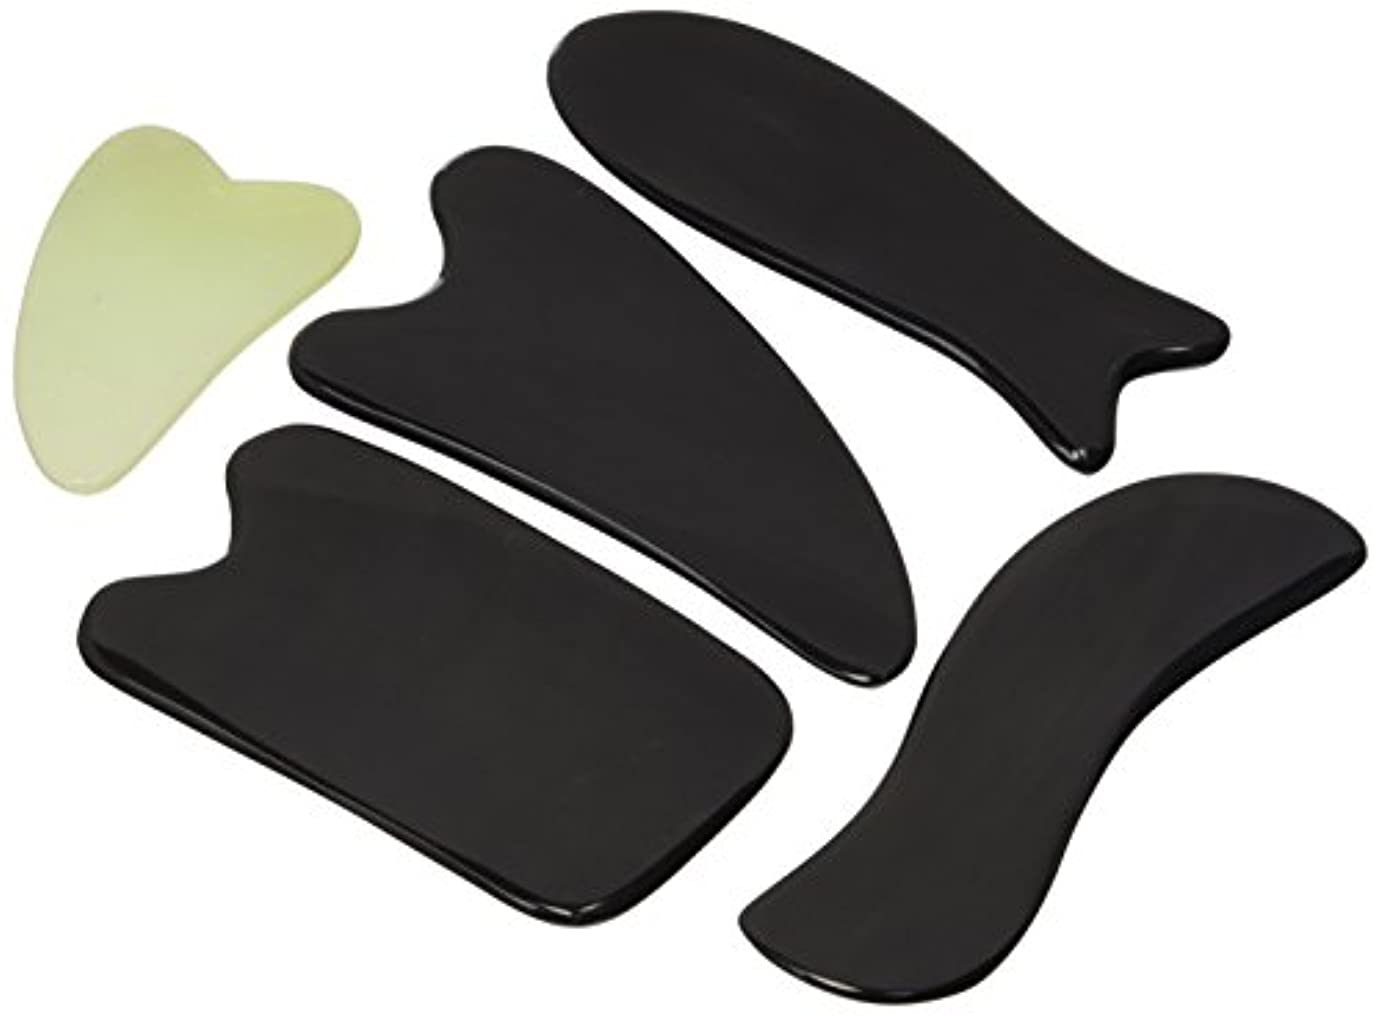 ビタミン取るに足らない地下室Gua Sha Massage Tools By One Planet With Small Massage Gift - Ultra Smooth Edge for Scraping, 100% Handmade, Hand...